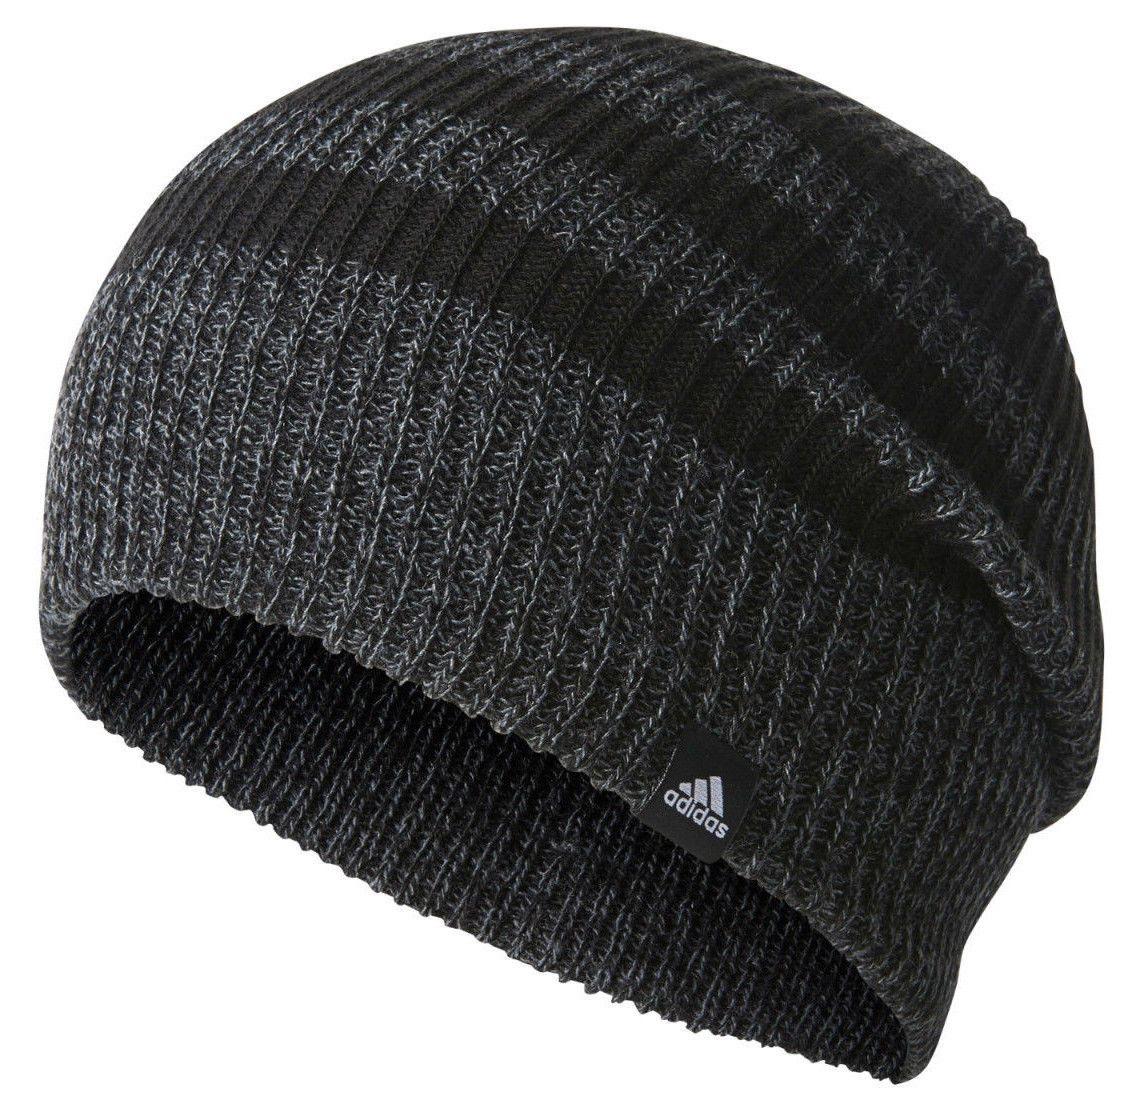 4ef0c4ab08d Adidas Men Beanie 3 Stripes Football Hat Black Training Headwear Br9927 2018